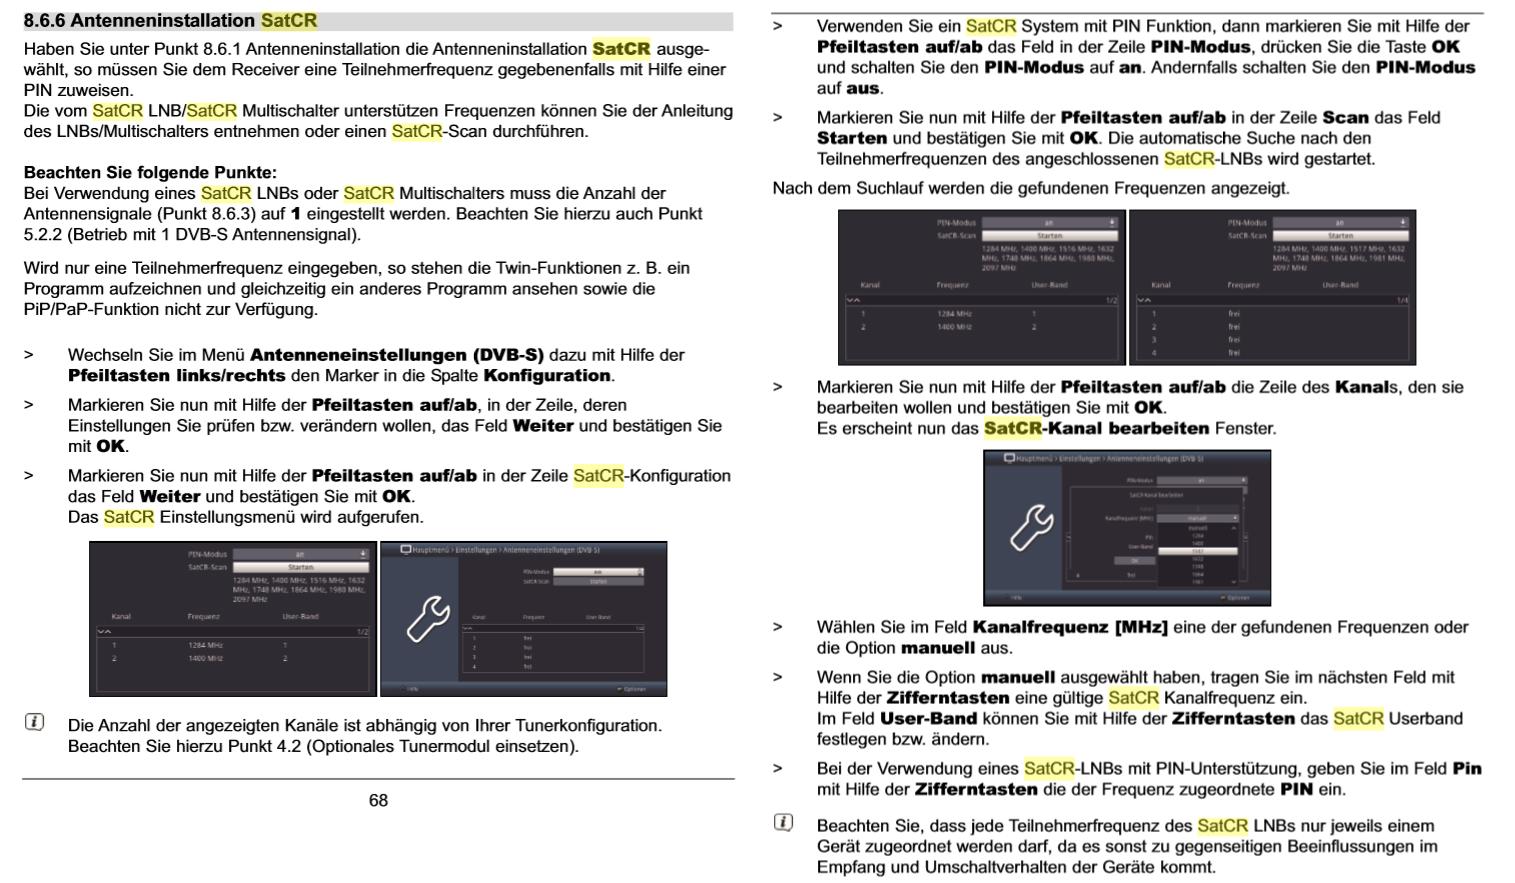 Technisat-Isio-STC-Unicable-SCR-Einstellungen_Anleitung_Seite68-69.PNG